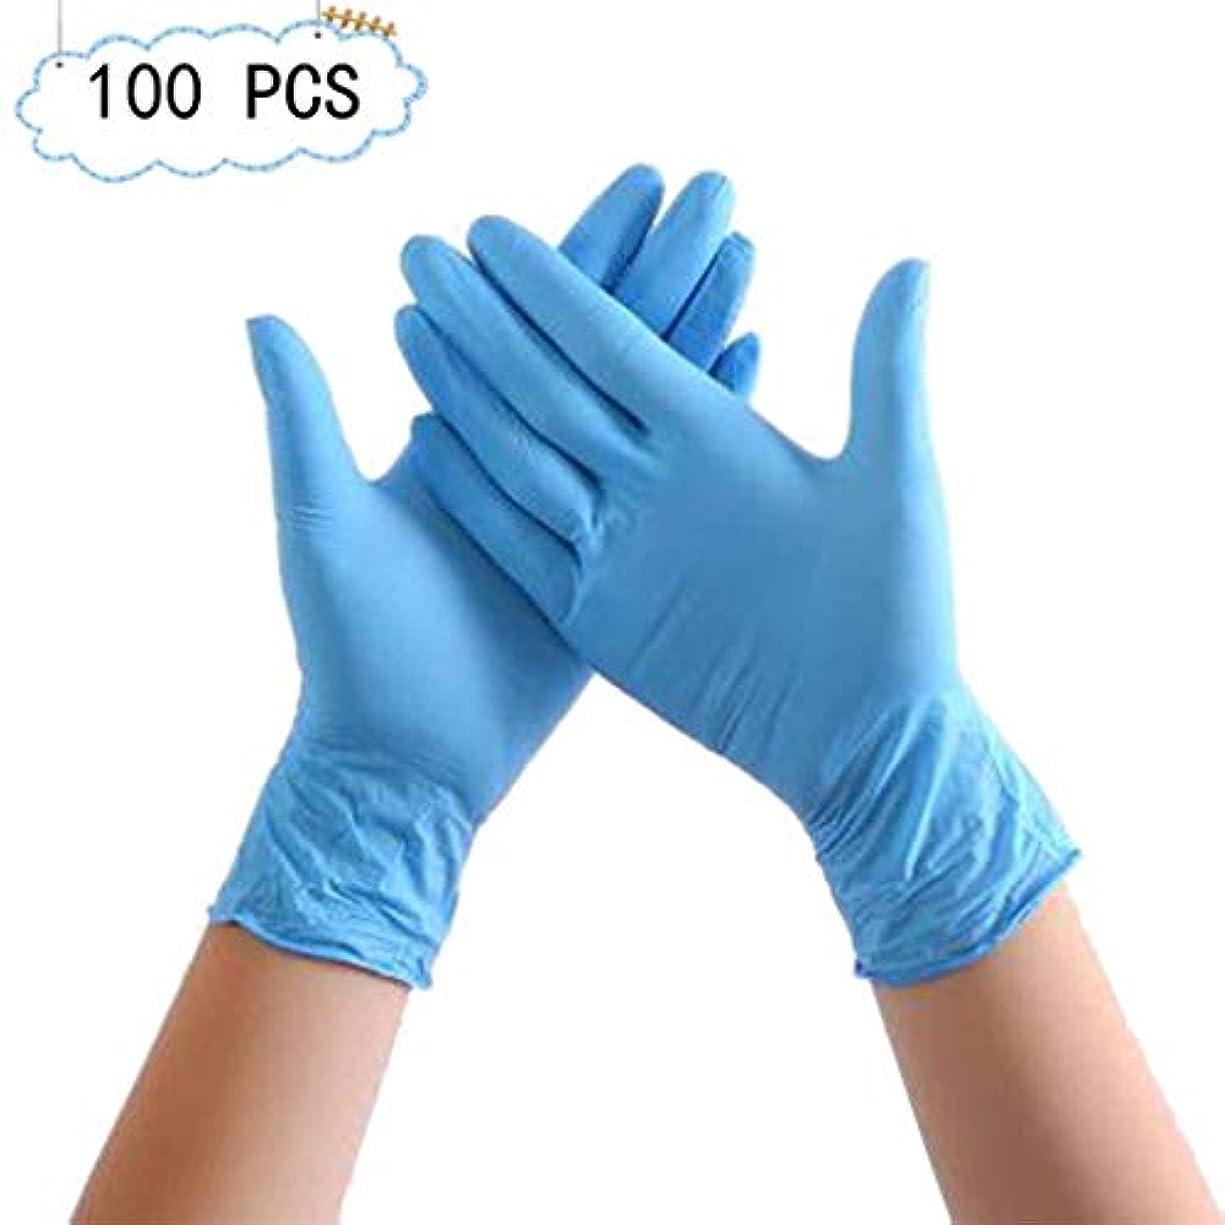 カカドゥベテラン子羊ニトリル手袋手袋9インチネイルアート検査保護実験、美容院ラテックスフリー、パウダーフリー、100個 (Color : Blue, Size : L)